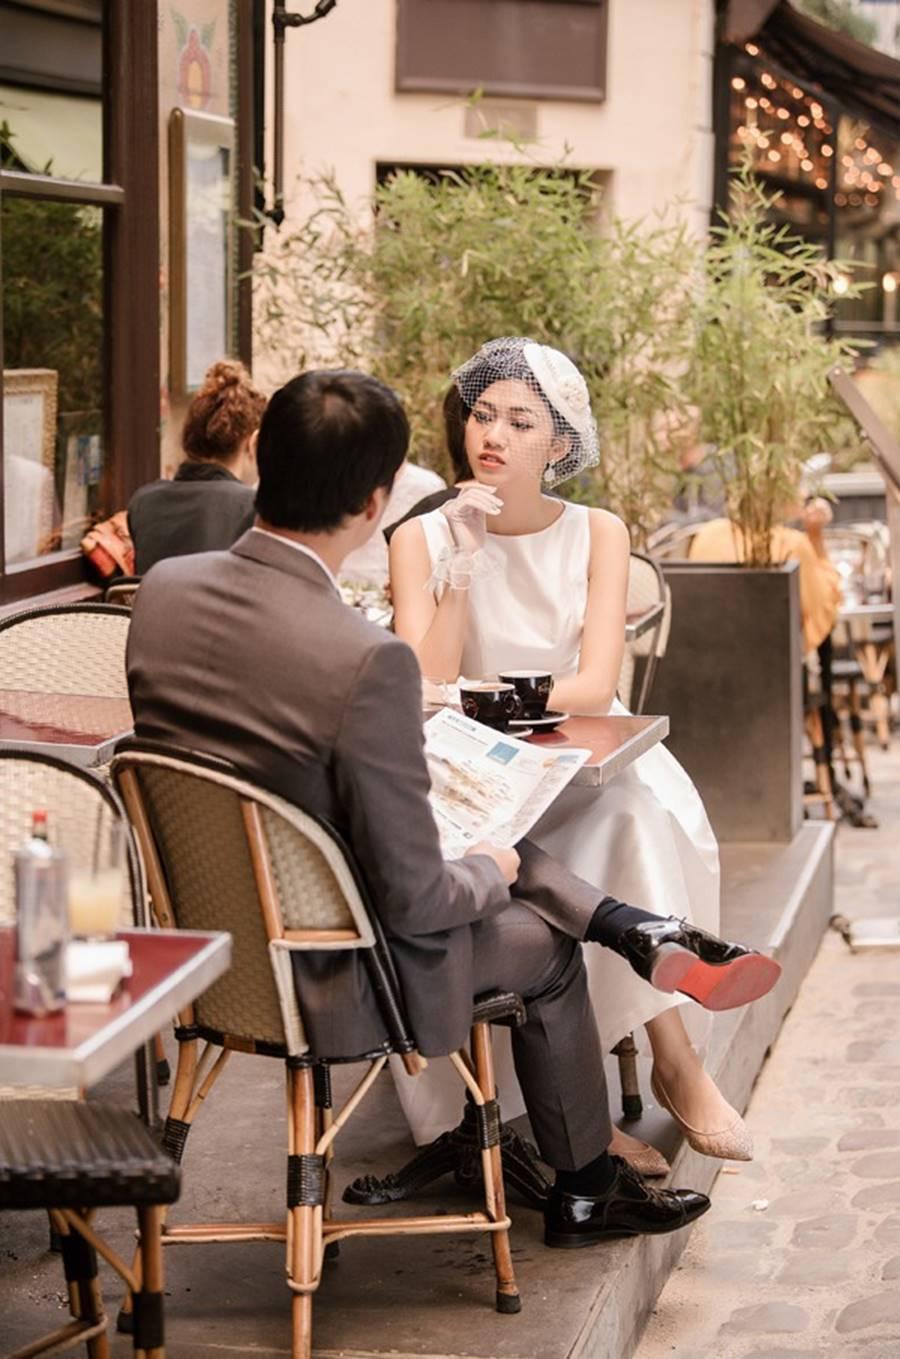 Trọn bộ ảnh cưới xa xỉ, đẹp như tạp chí được chụp tại Pháp của Á hậu Thanh Tú và chồng đại gia hơn 16 tuổi-3